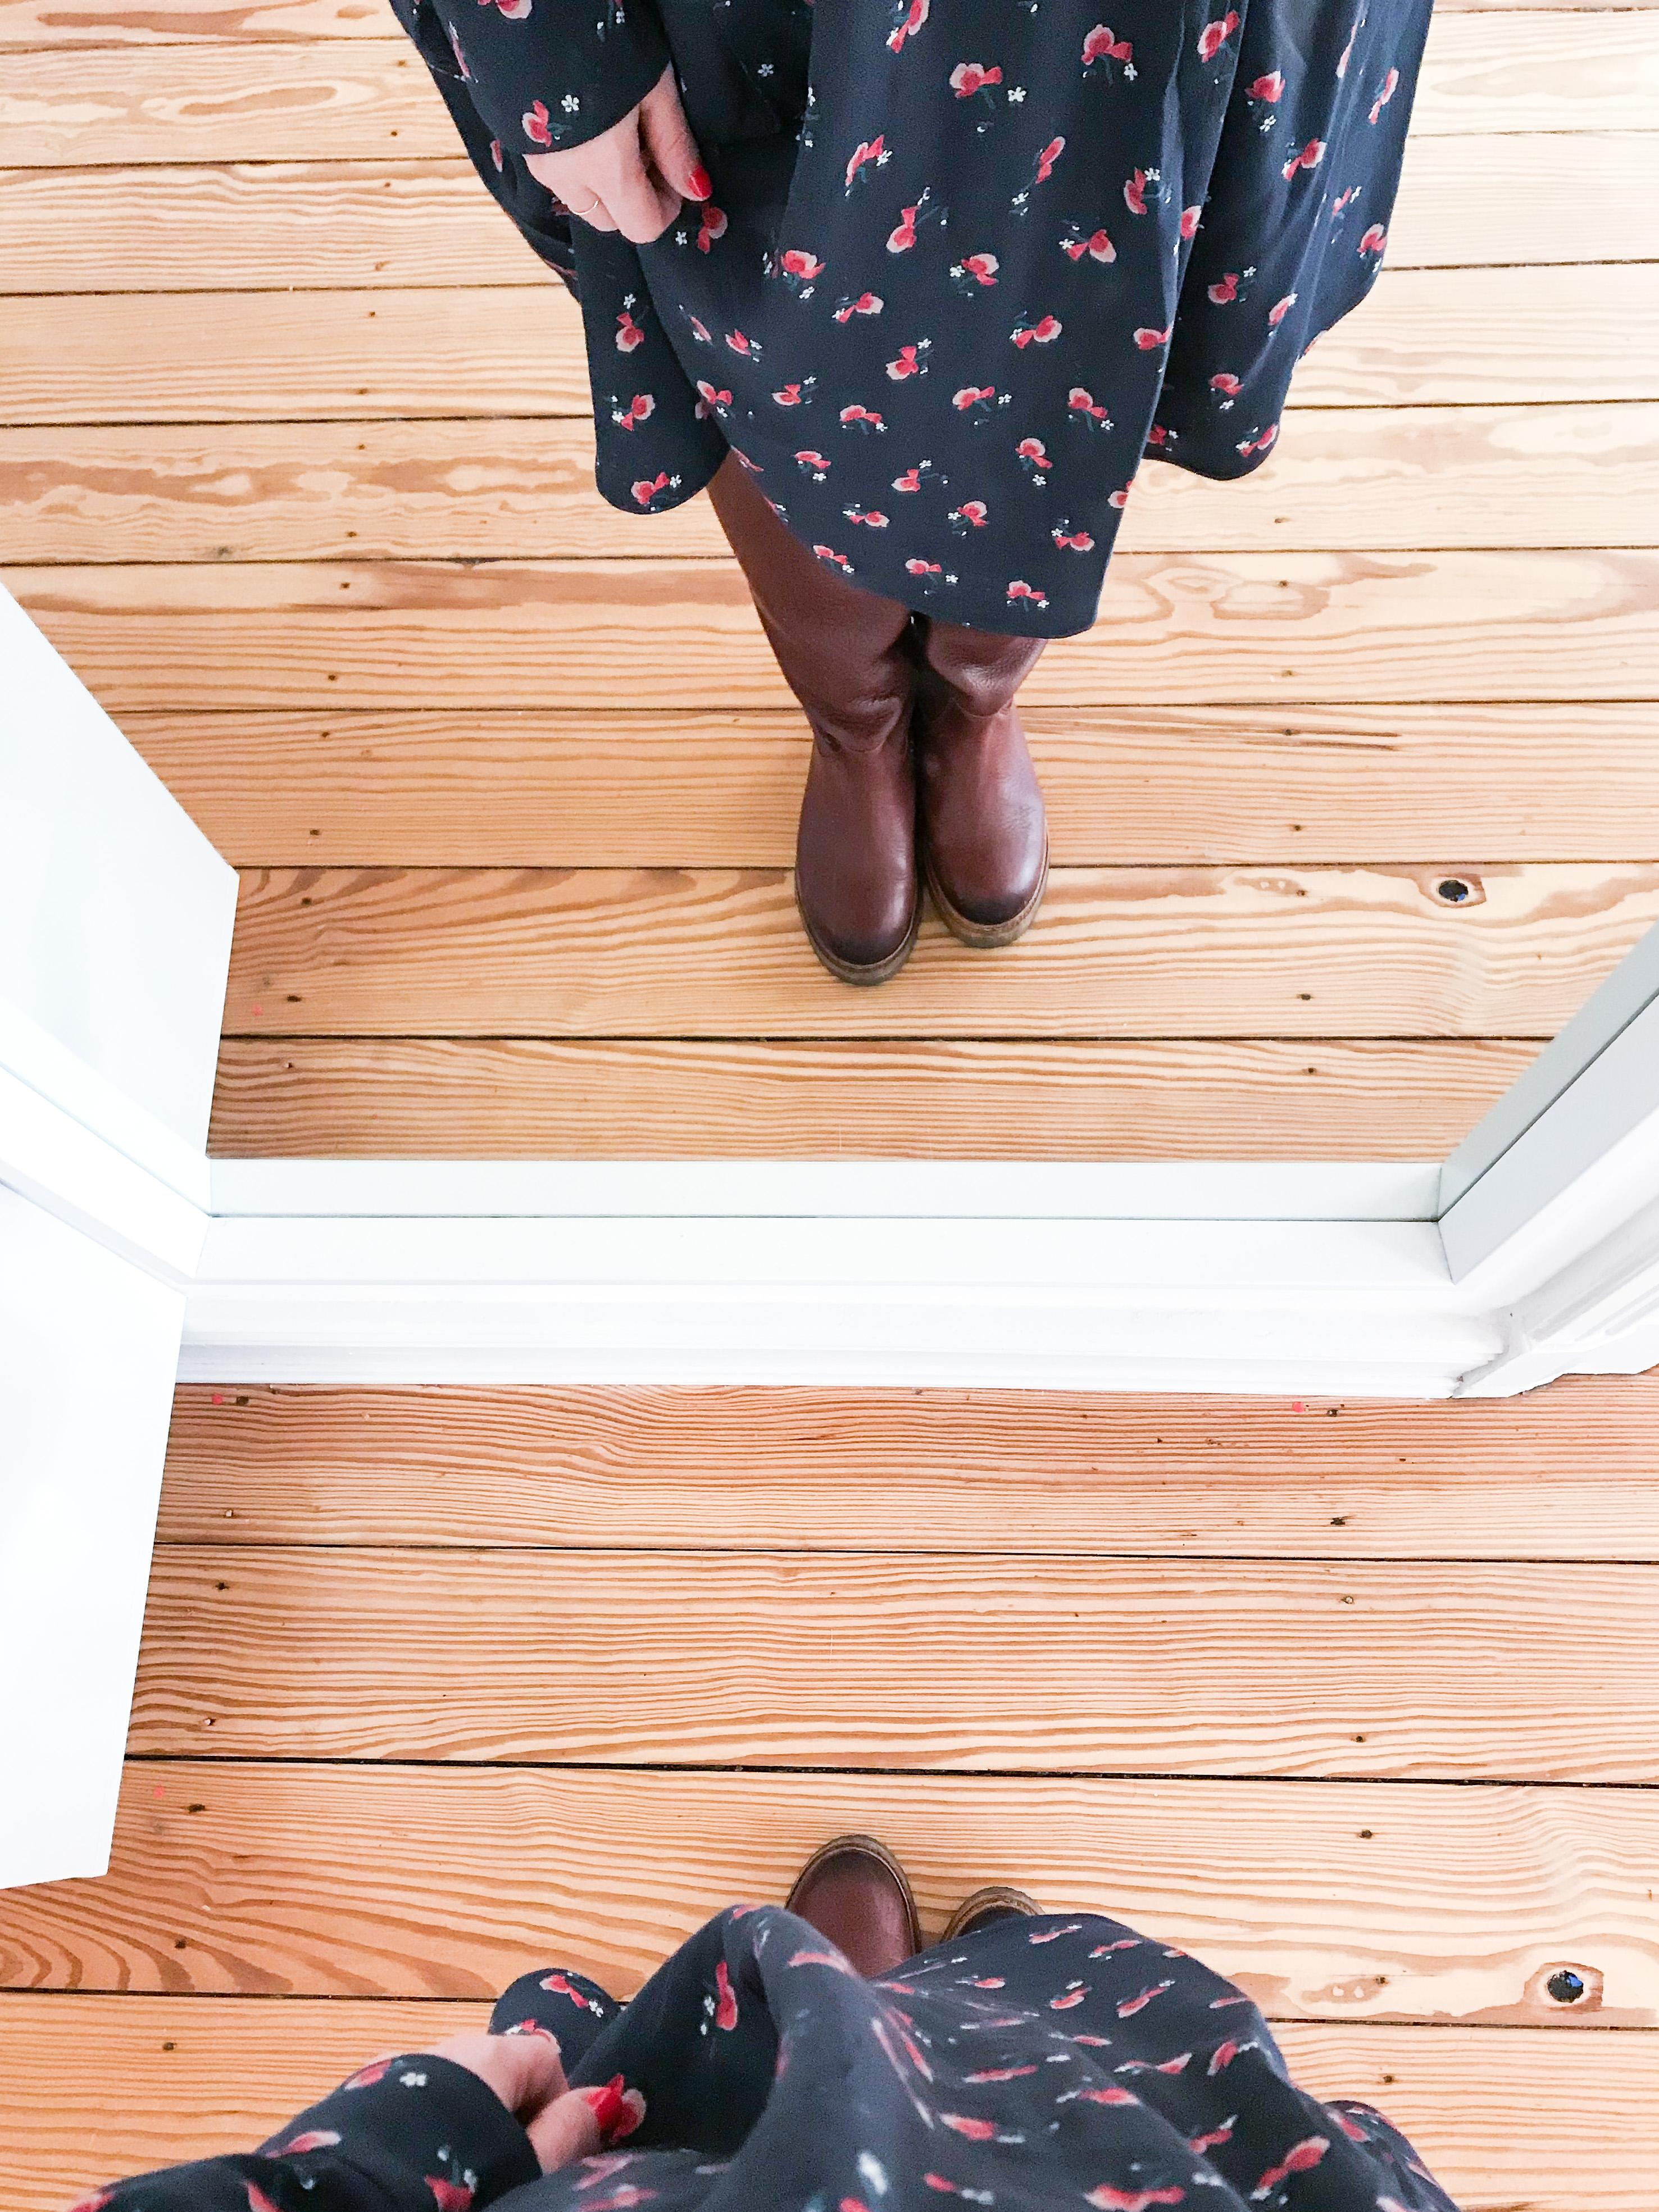 Blümchenkleid zu Lederboots - der perfekte (nicht nur) Momstyle für den Alltag